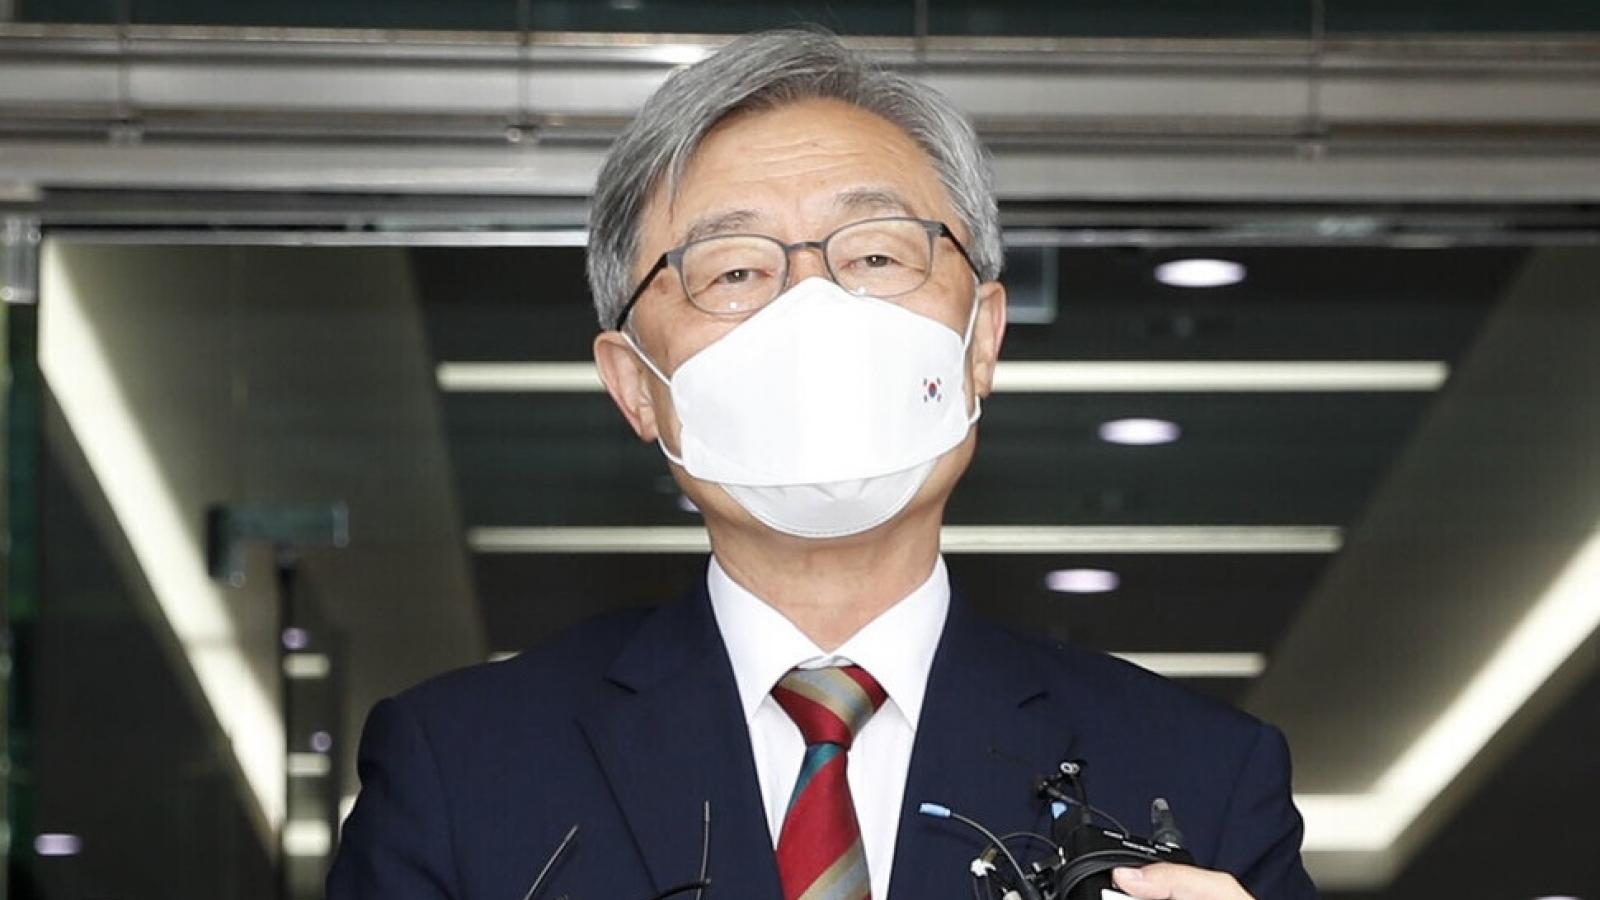 Cựu giám đốc Cơ quan Kiểm toán Hàn Quốc tuyên bố tranh cử tổng thống